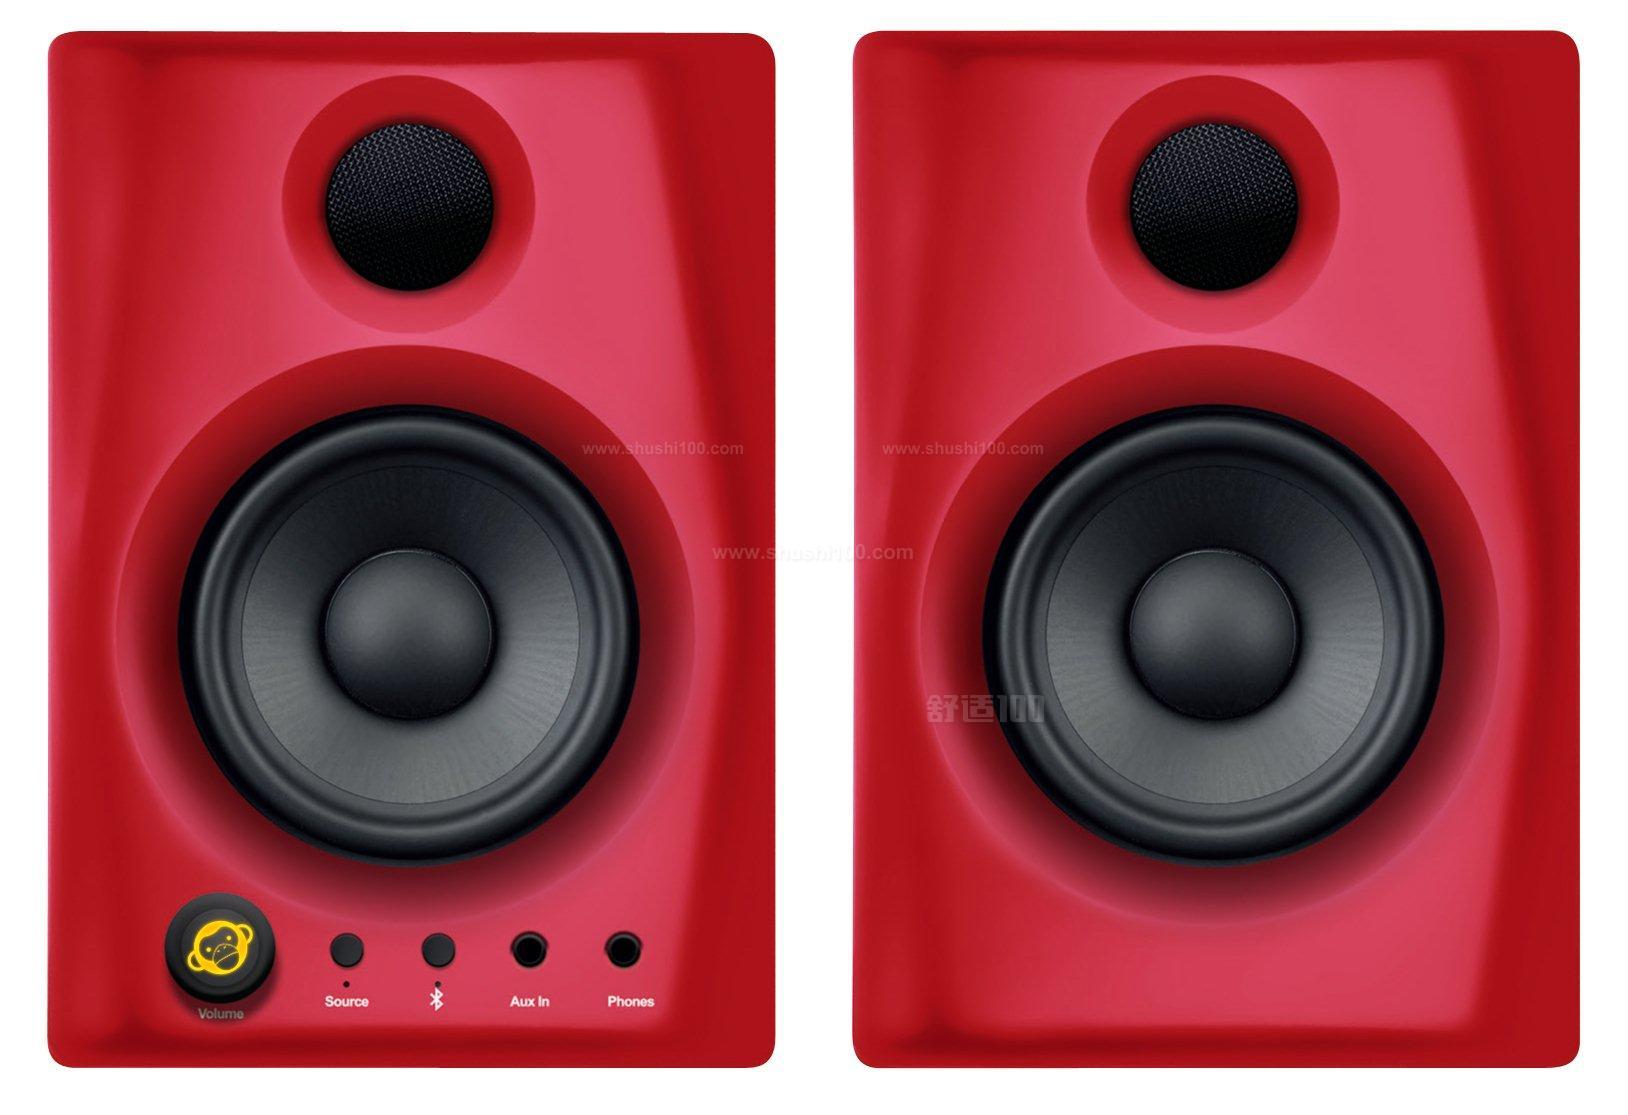 有源音箱和无源音箱区别—有源音箱和无源音箱区别介绍